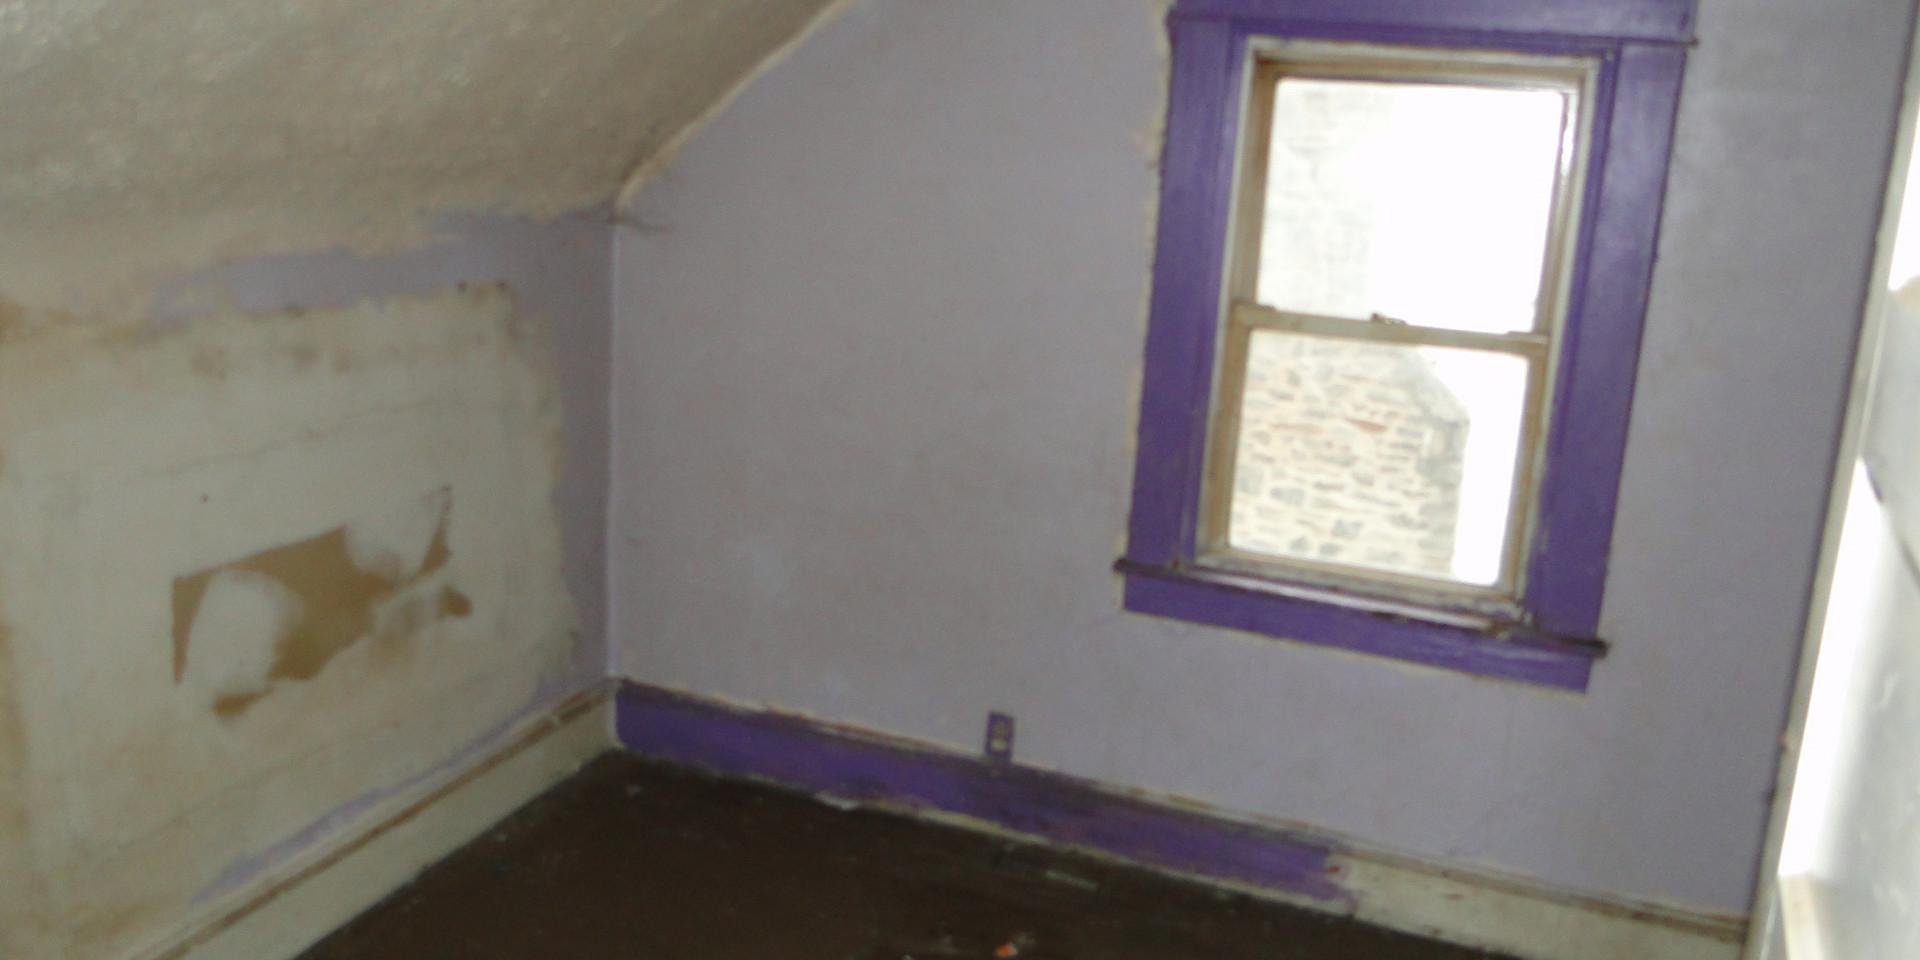 09 - Upstairs 4th Bedroom.JPG